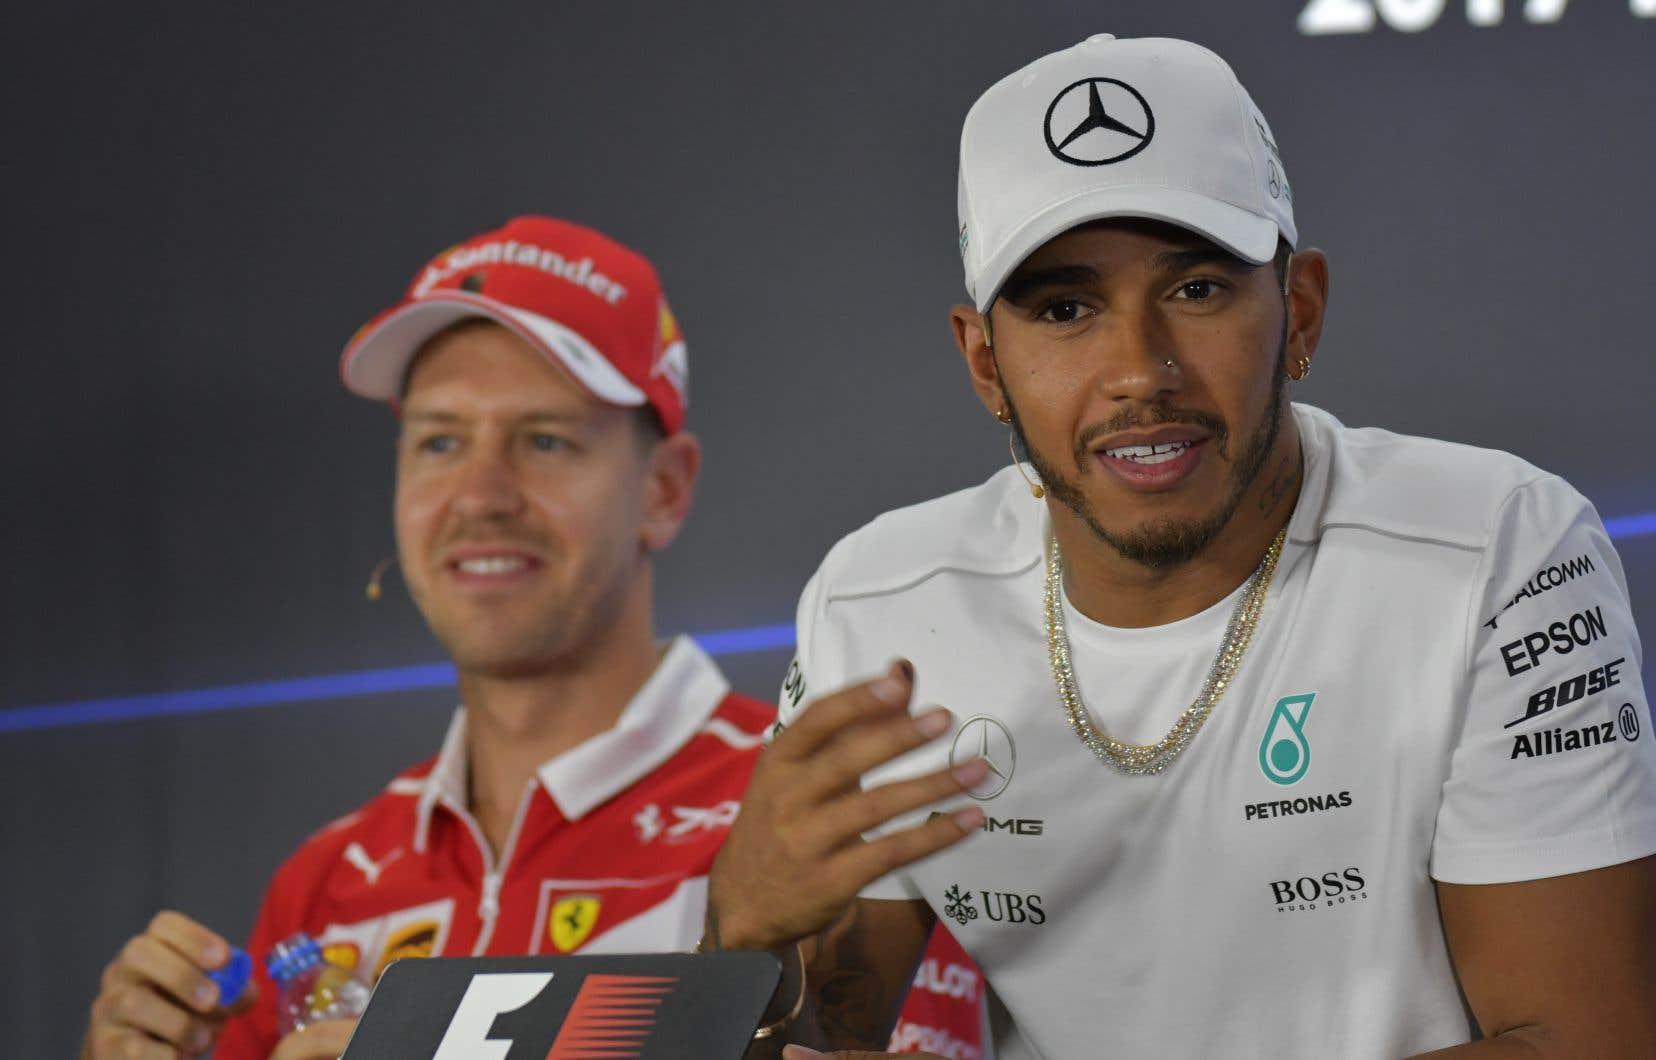 Les pilotes Sebastian Vettel et Lewis Hamilton lors d'une conférence de presse à Abou Dhabi, jeudi